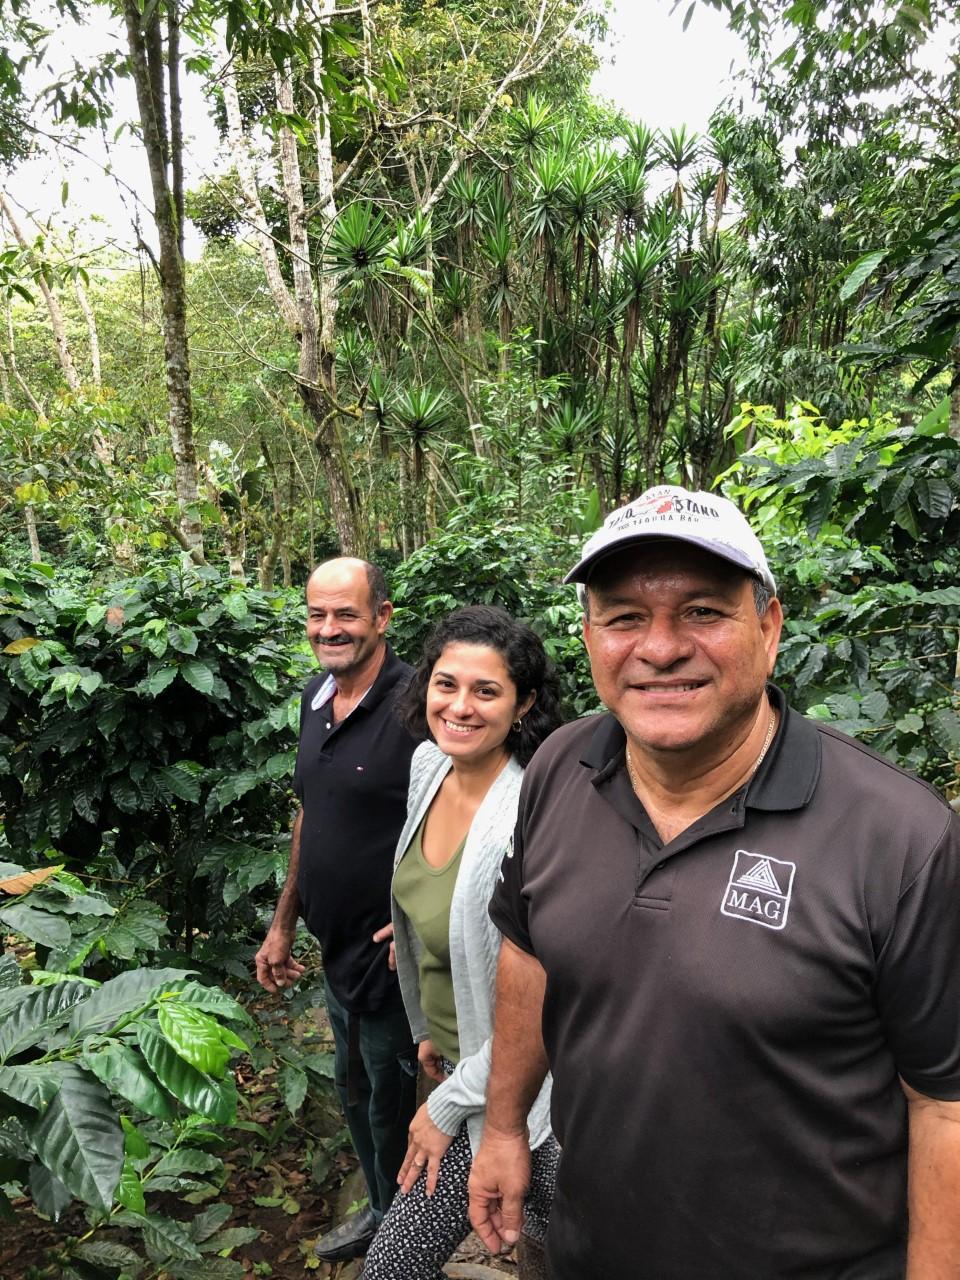 <p>Don Roberto Jiménez y su hija, Jacqueline, nos guían por su finca junto a Luis Fernando Haug, extensionista del Ministerio de Agricultura. Fotografía: Stefanie Tye</p>